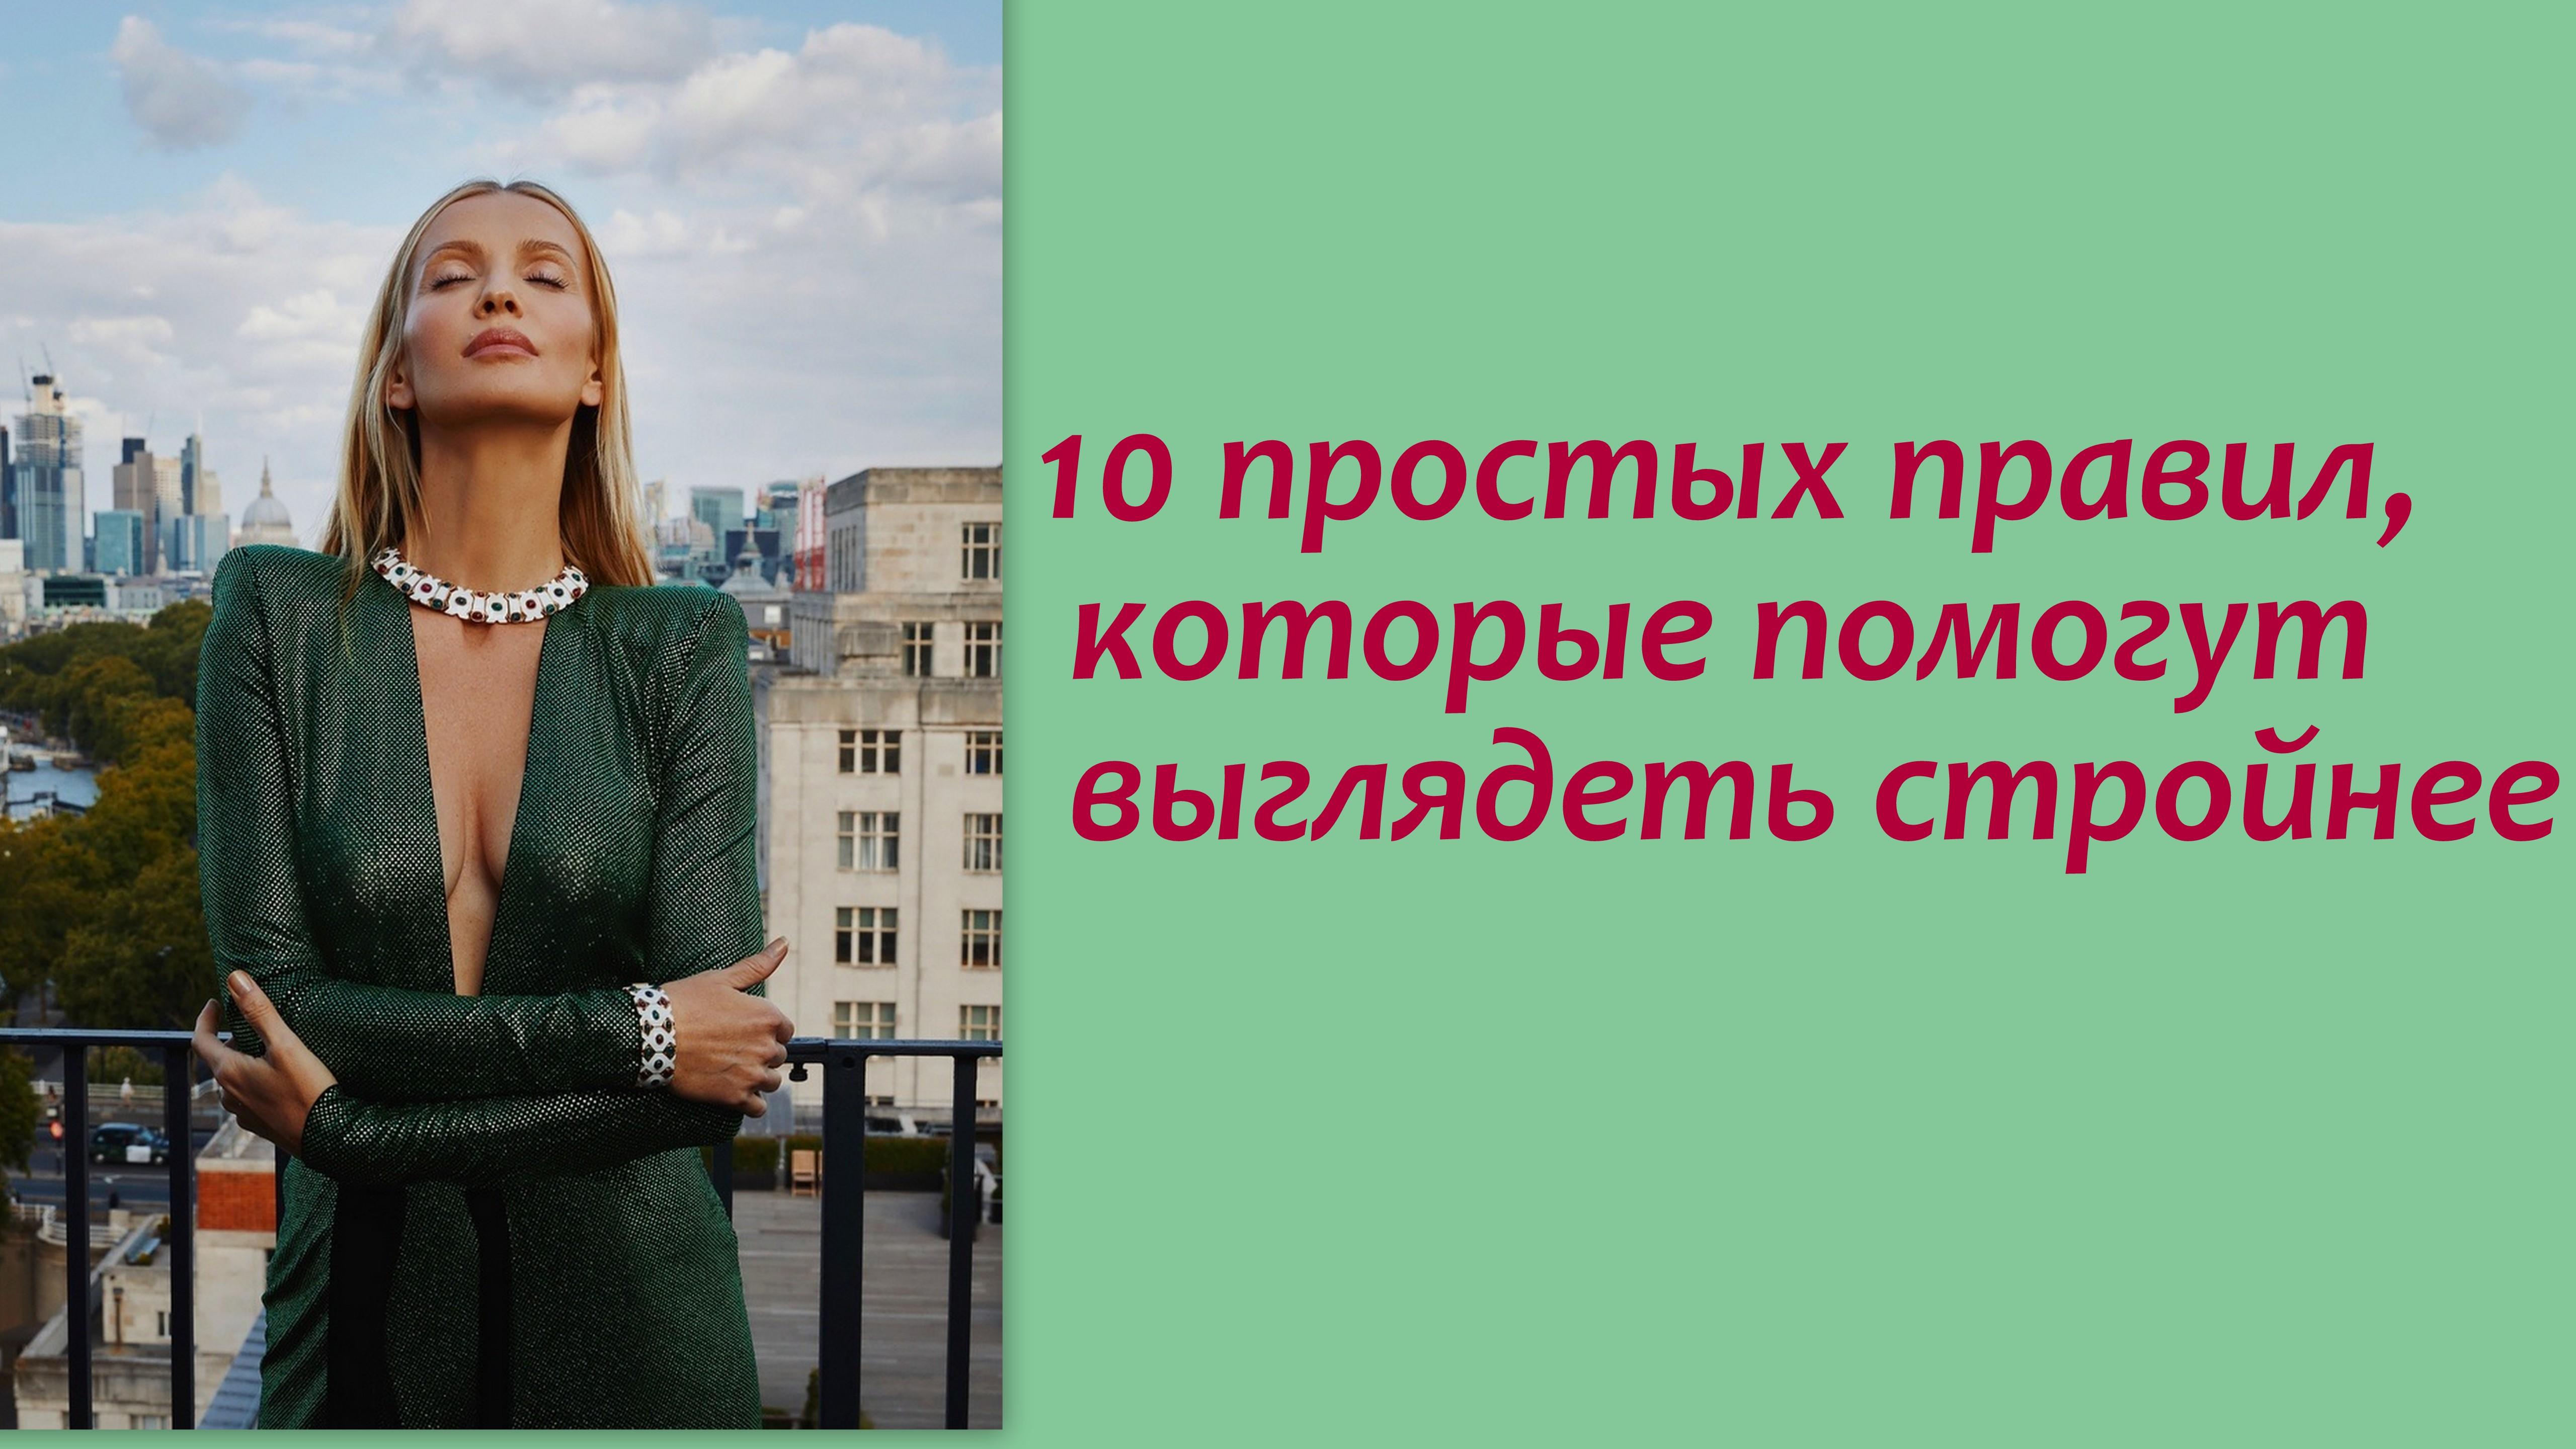 10 простых правил, которые помогут выглядеть стройнее